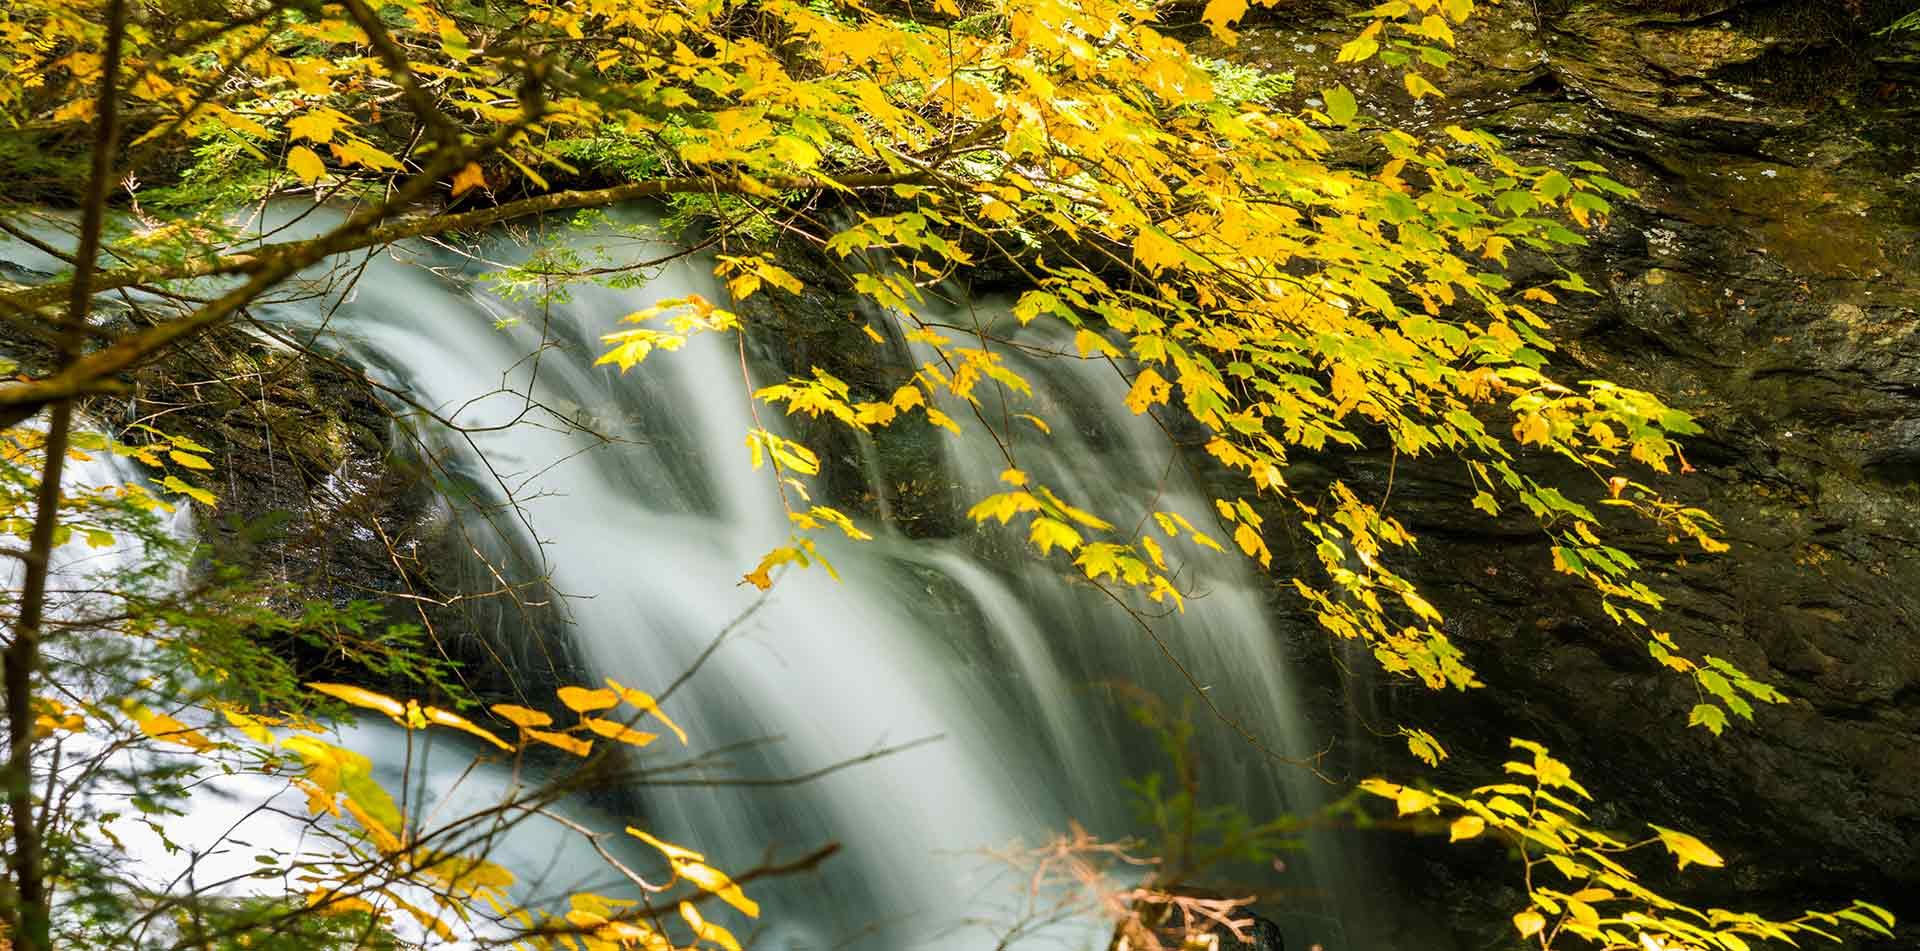 Bingham Falls in Stowe Vermont